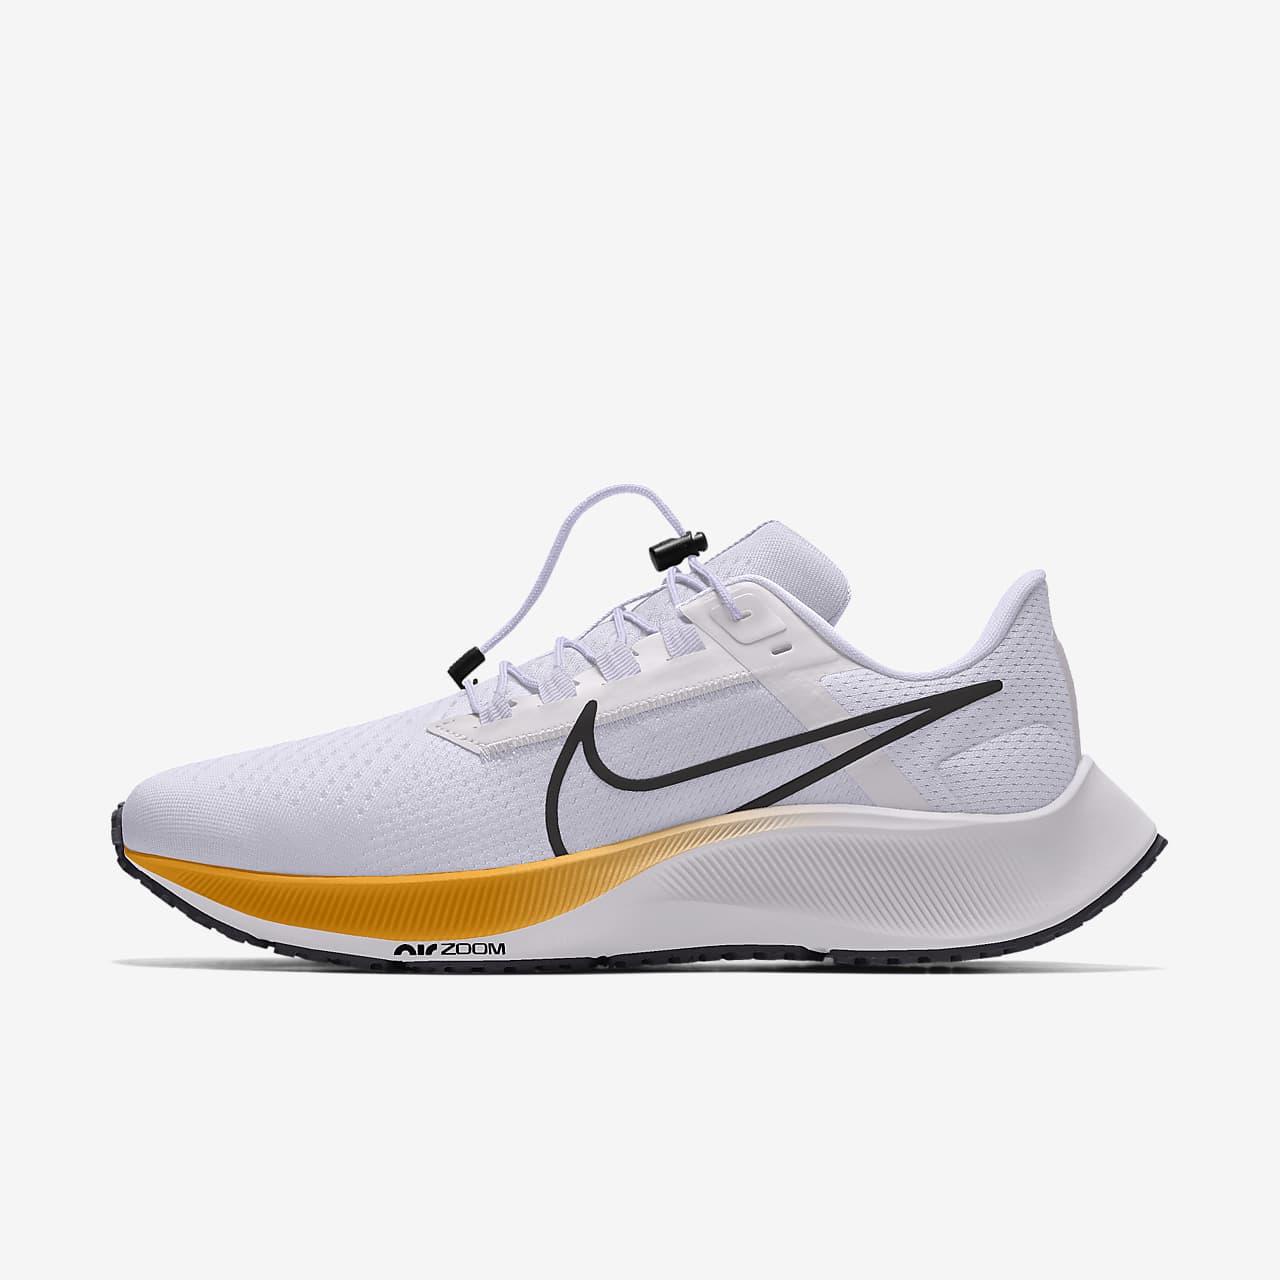 Мужские беговые кроссовки с индивидуальным дизайном Nike Air Zoom Pegasus 38 By You